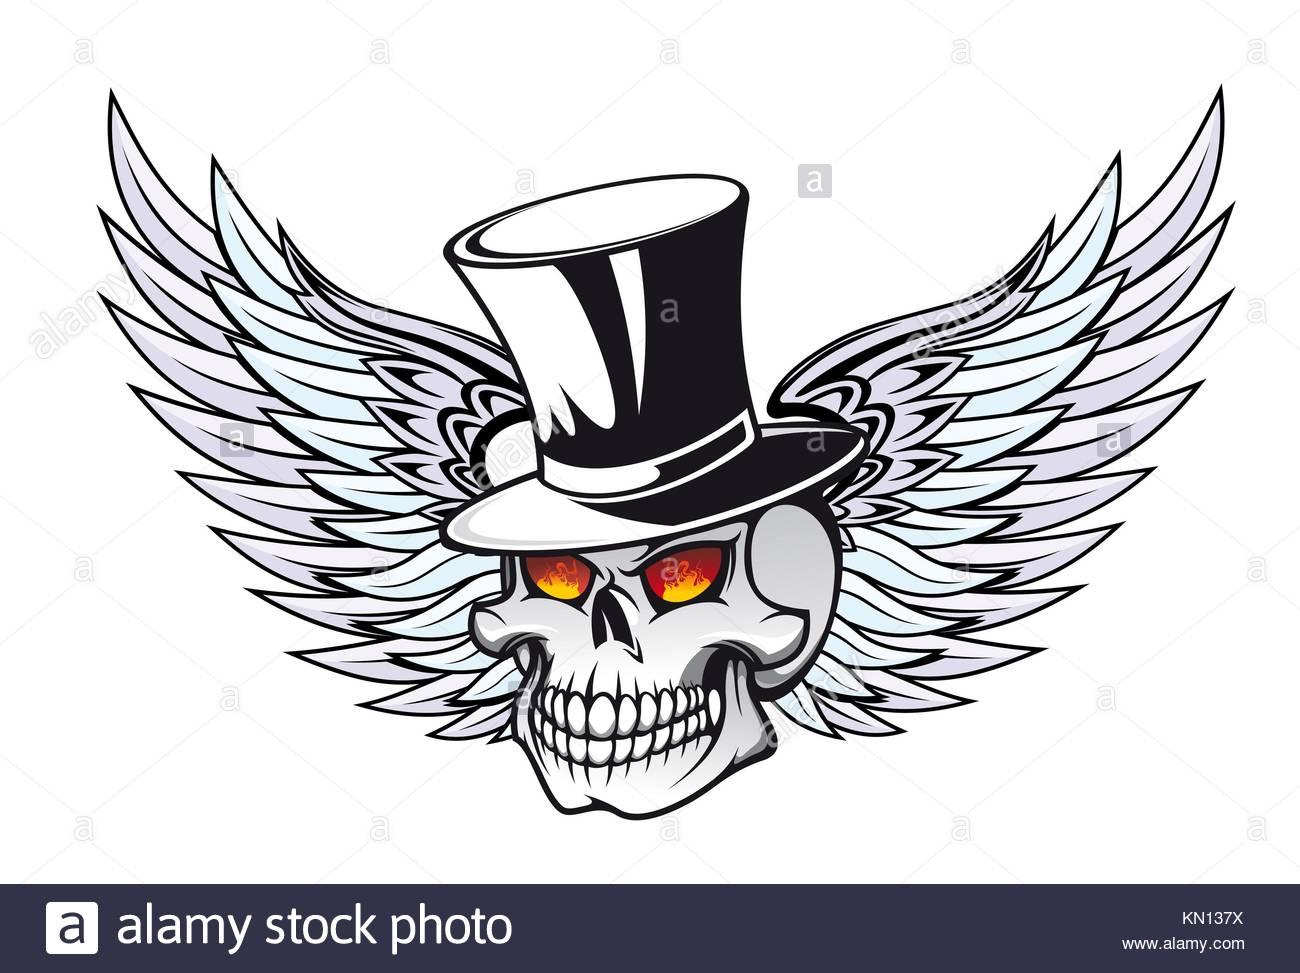 Calavera Con Alas En Black Hat Para Diseño De Tatuaje Foto Imagen